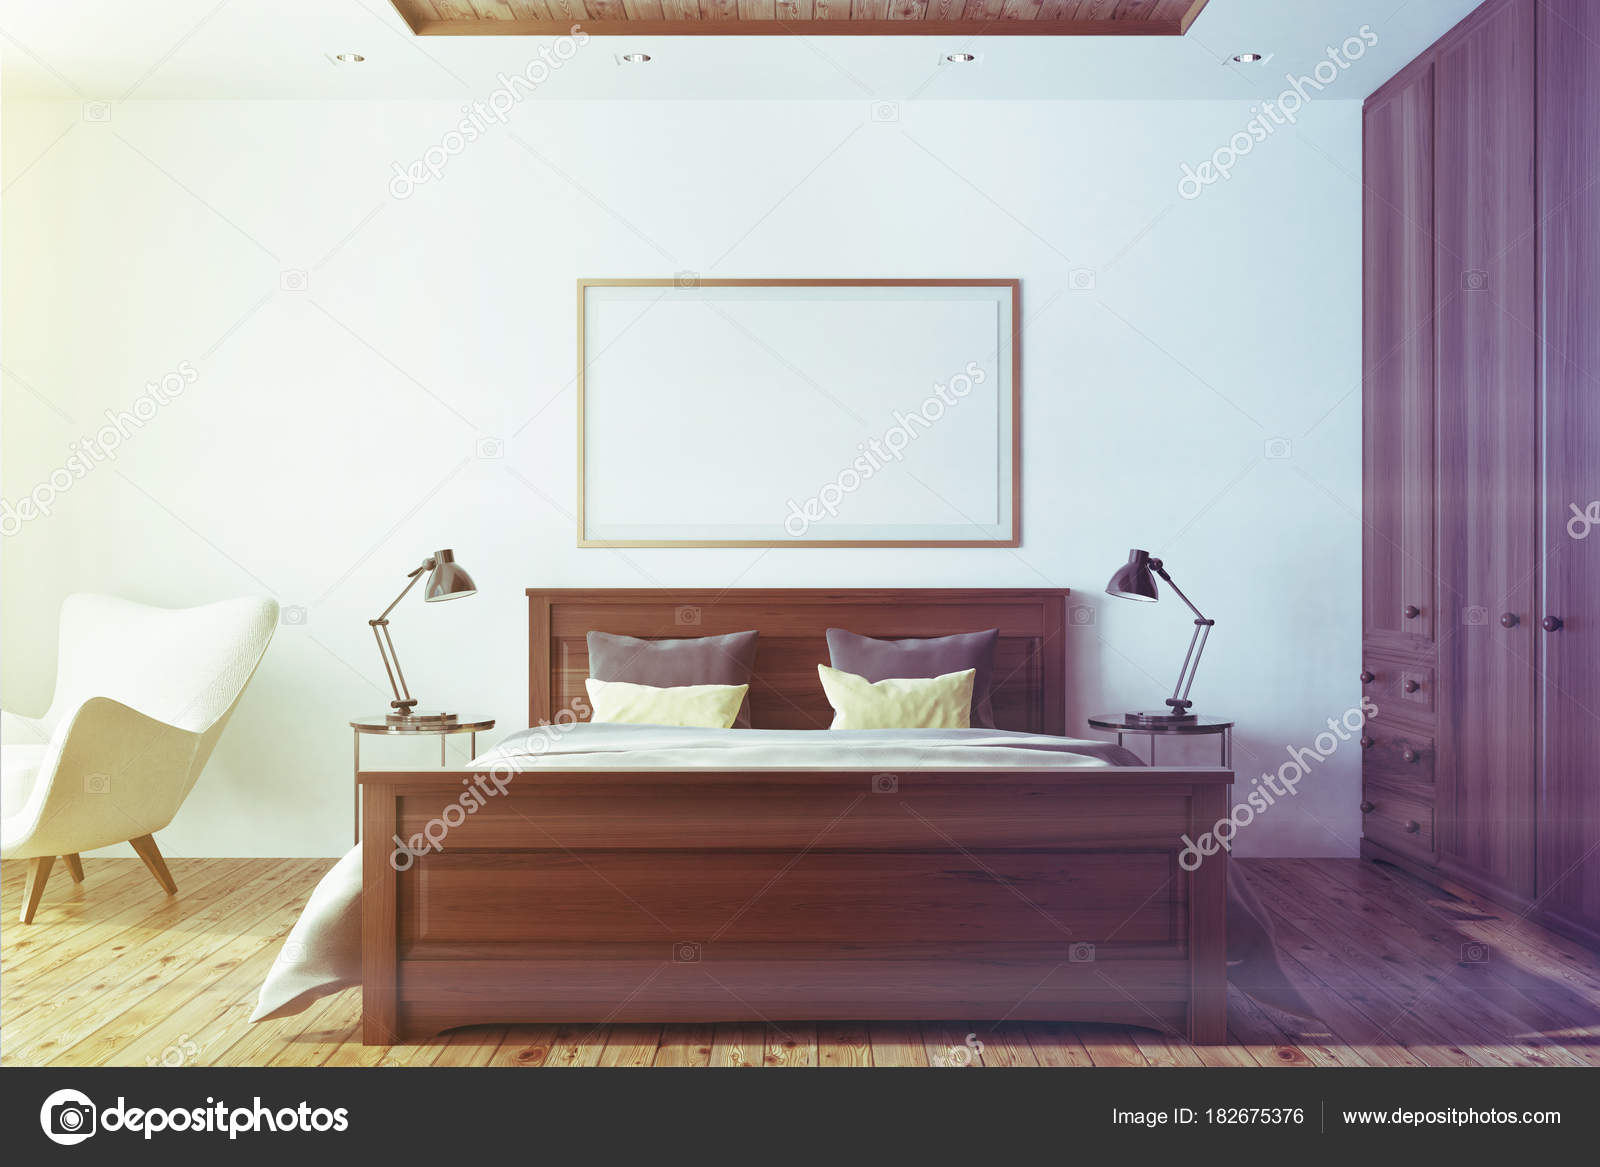 Weiße Schlafzimmer Innenraum mit getönten poster — Stockfoto ...